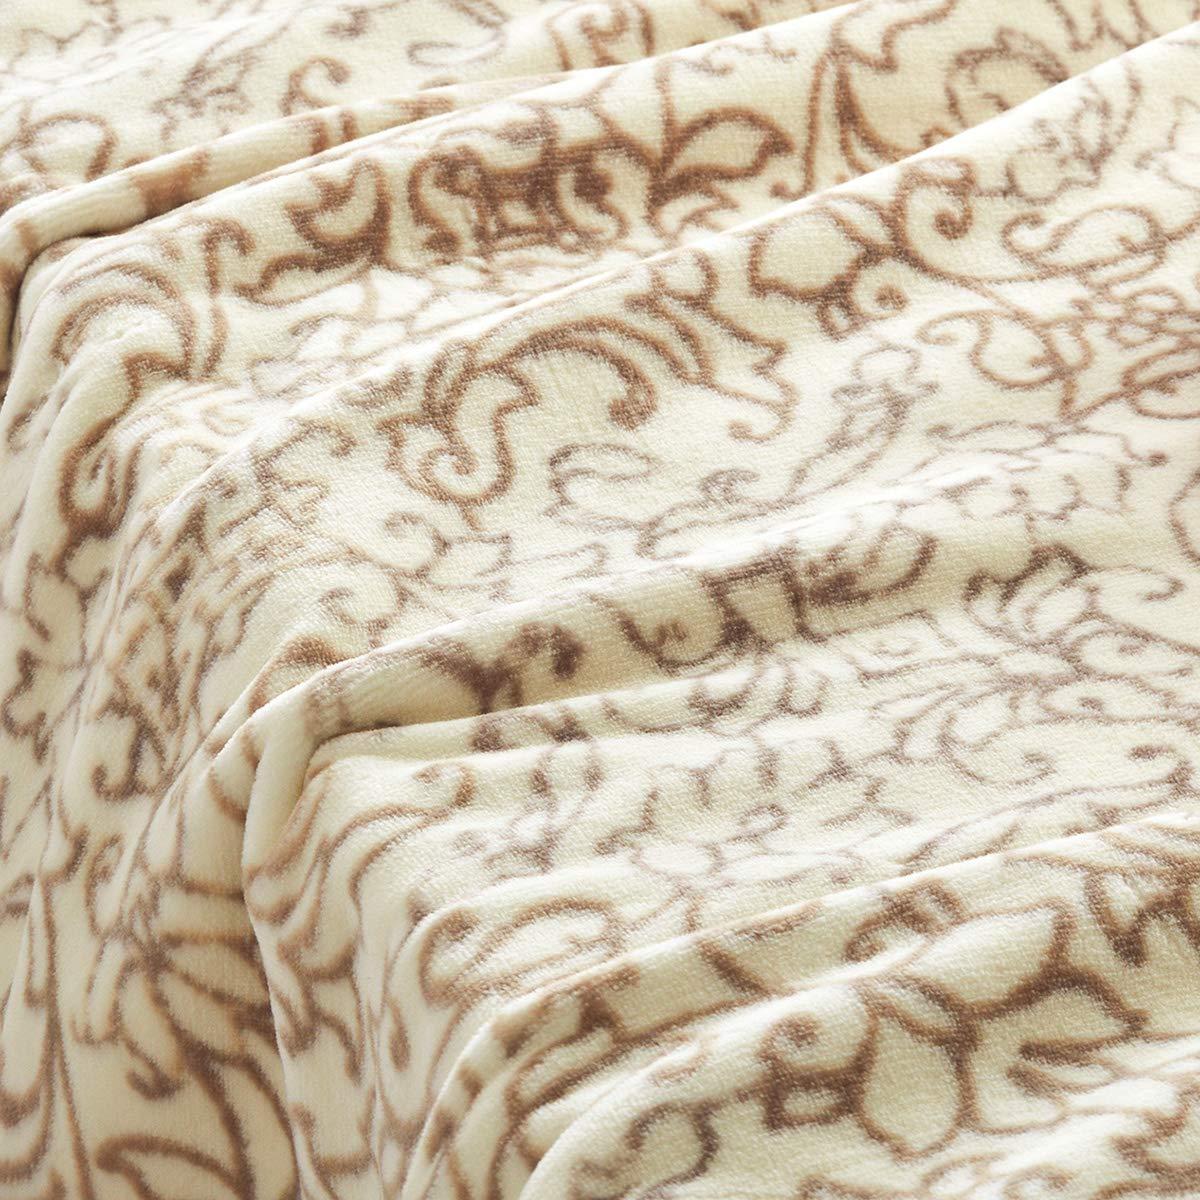 西川リビング 綿毛布 オーガニックコットン もうふ 毛布 ウォッシャブル シングル 日本製 49577 ベージュ[30] シングル B07T2V4X7M ベージュ[30] シングル